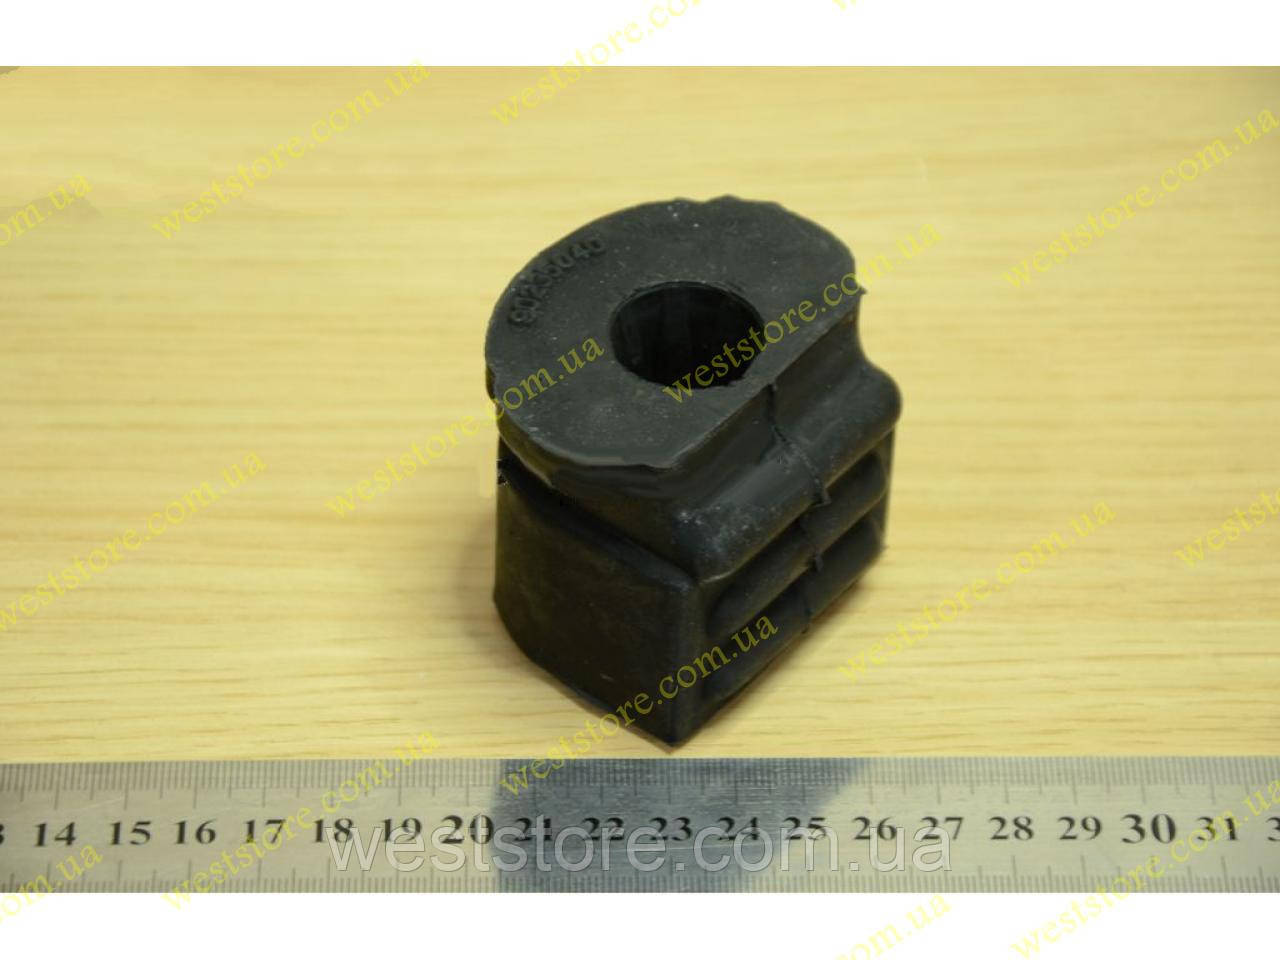 Сайлентблок (втулка) переднего рычага задний Ланос Сенс Lanos Sens RPI 90235040